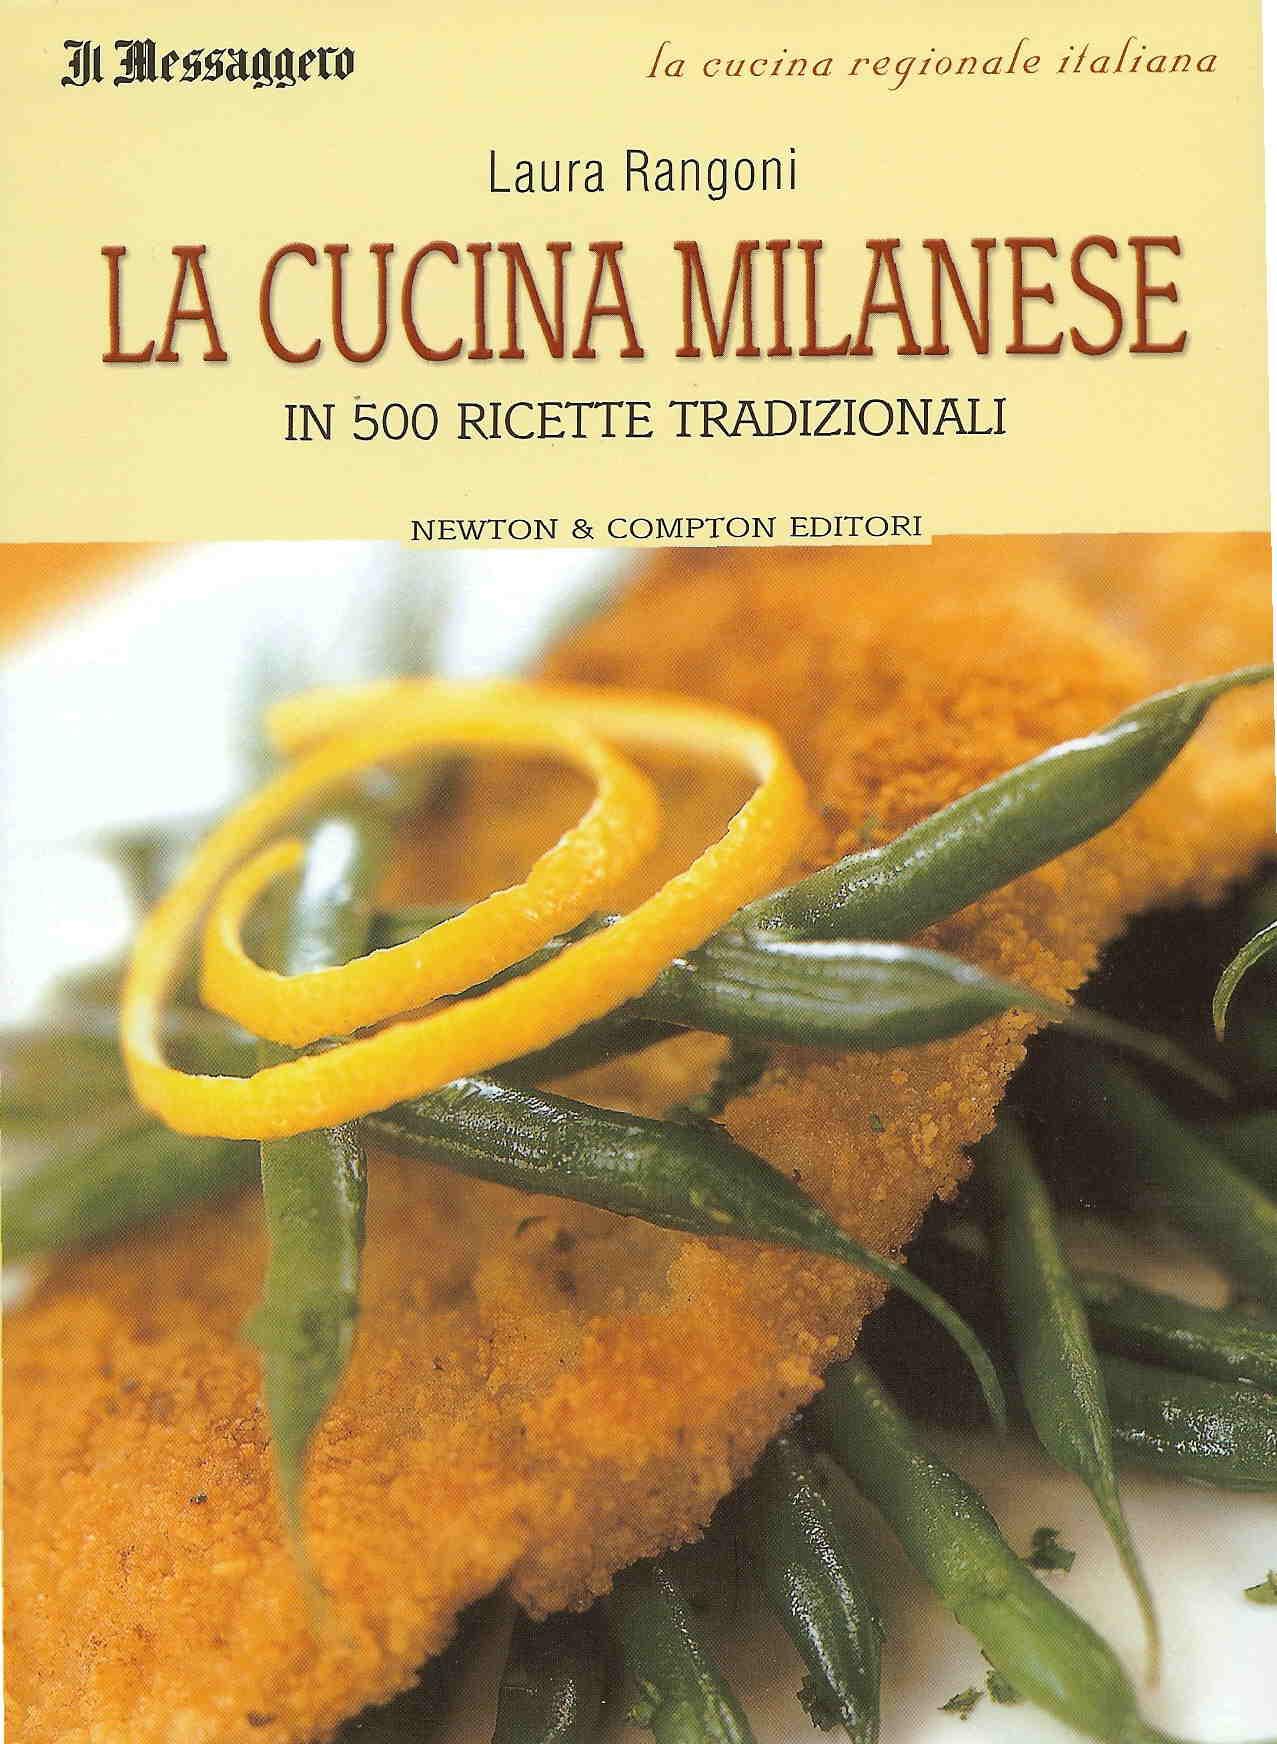 La cucina milanese